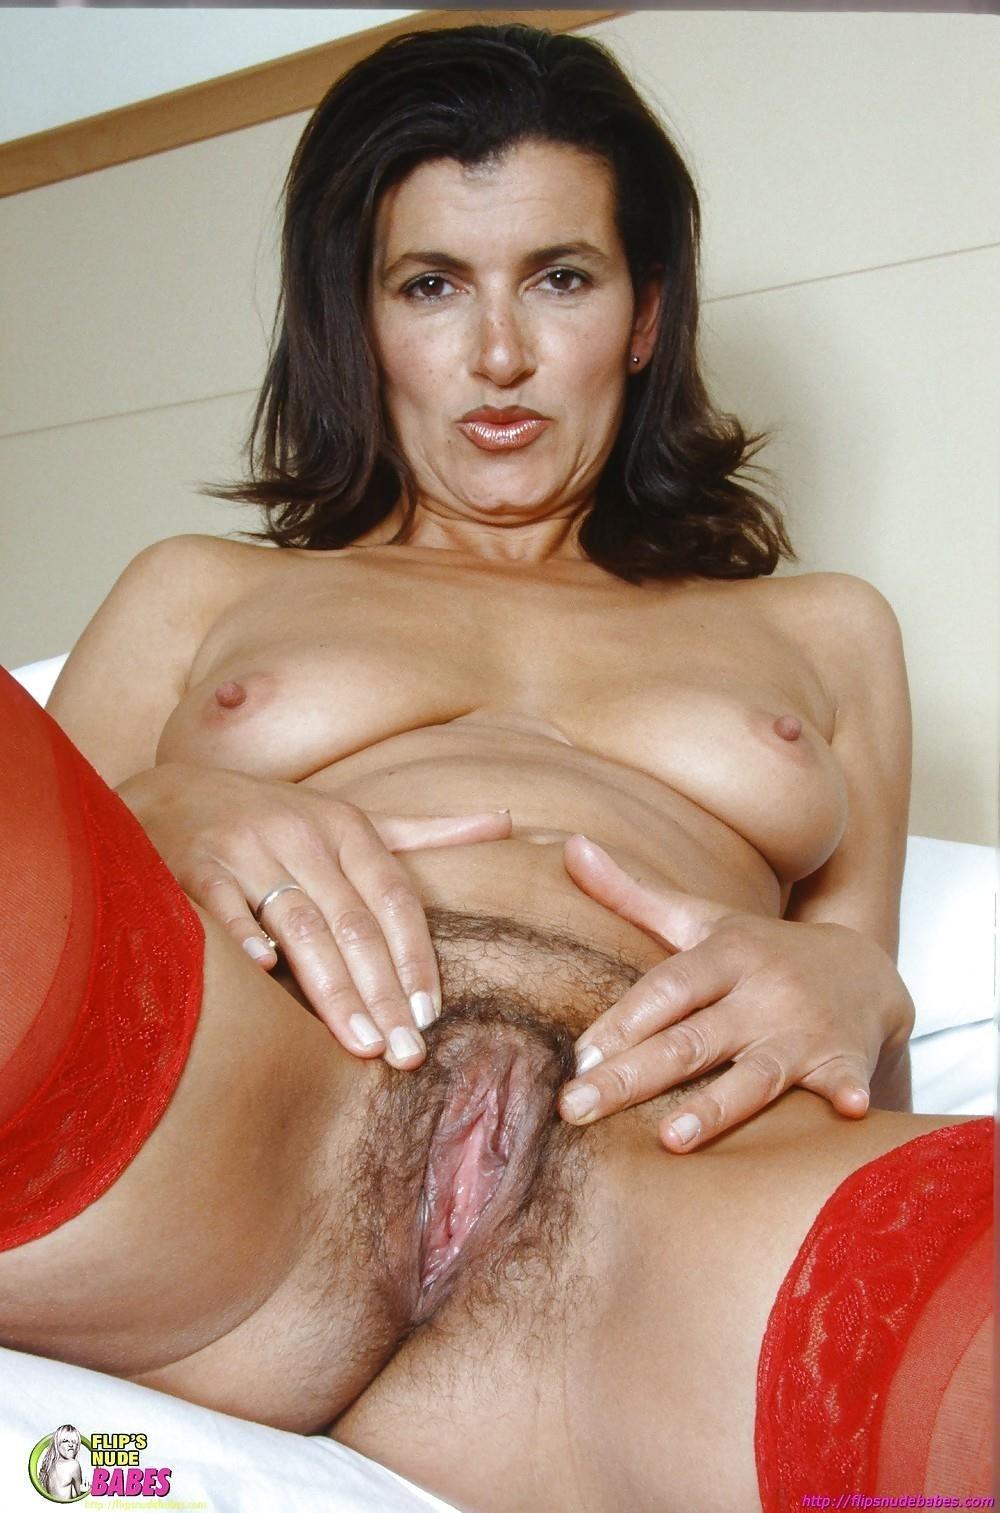 Porn hd full sex-8935